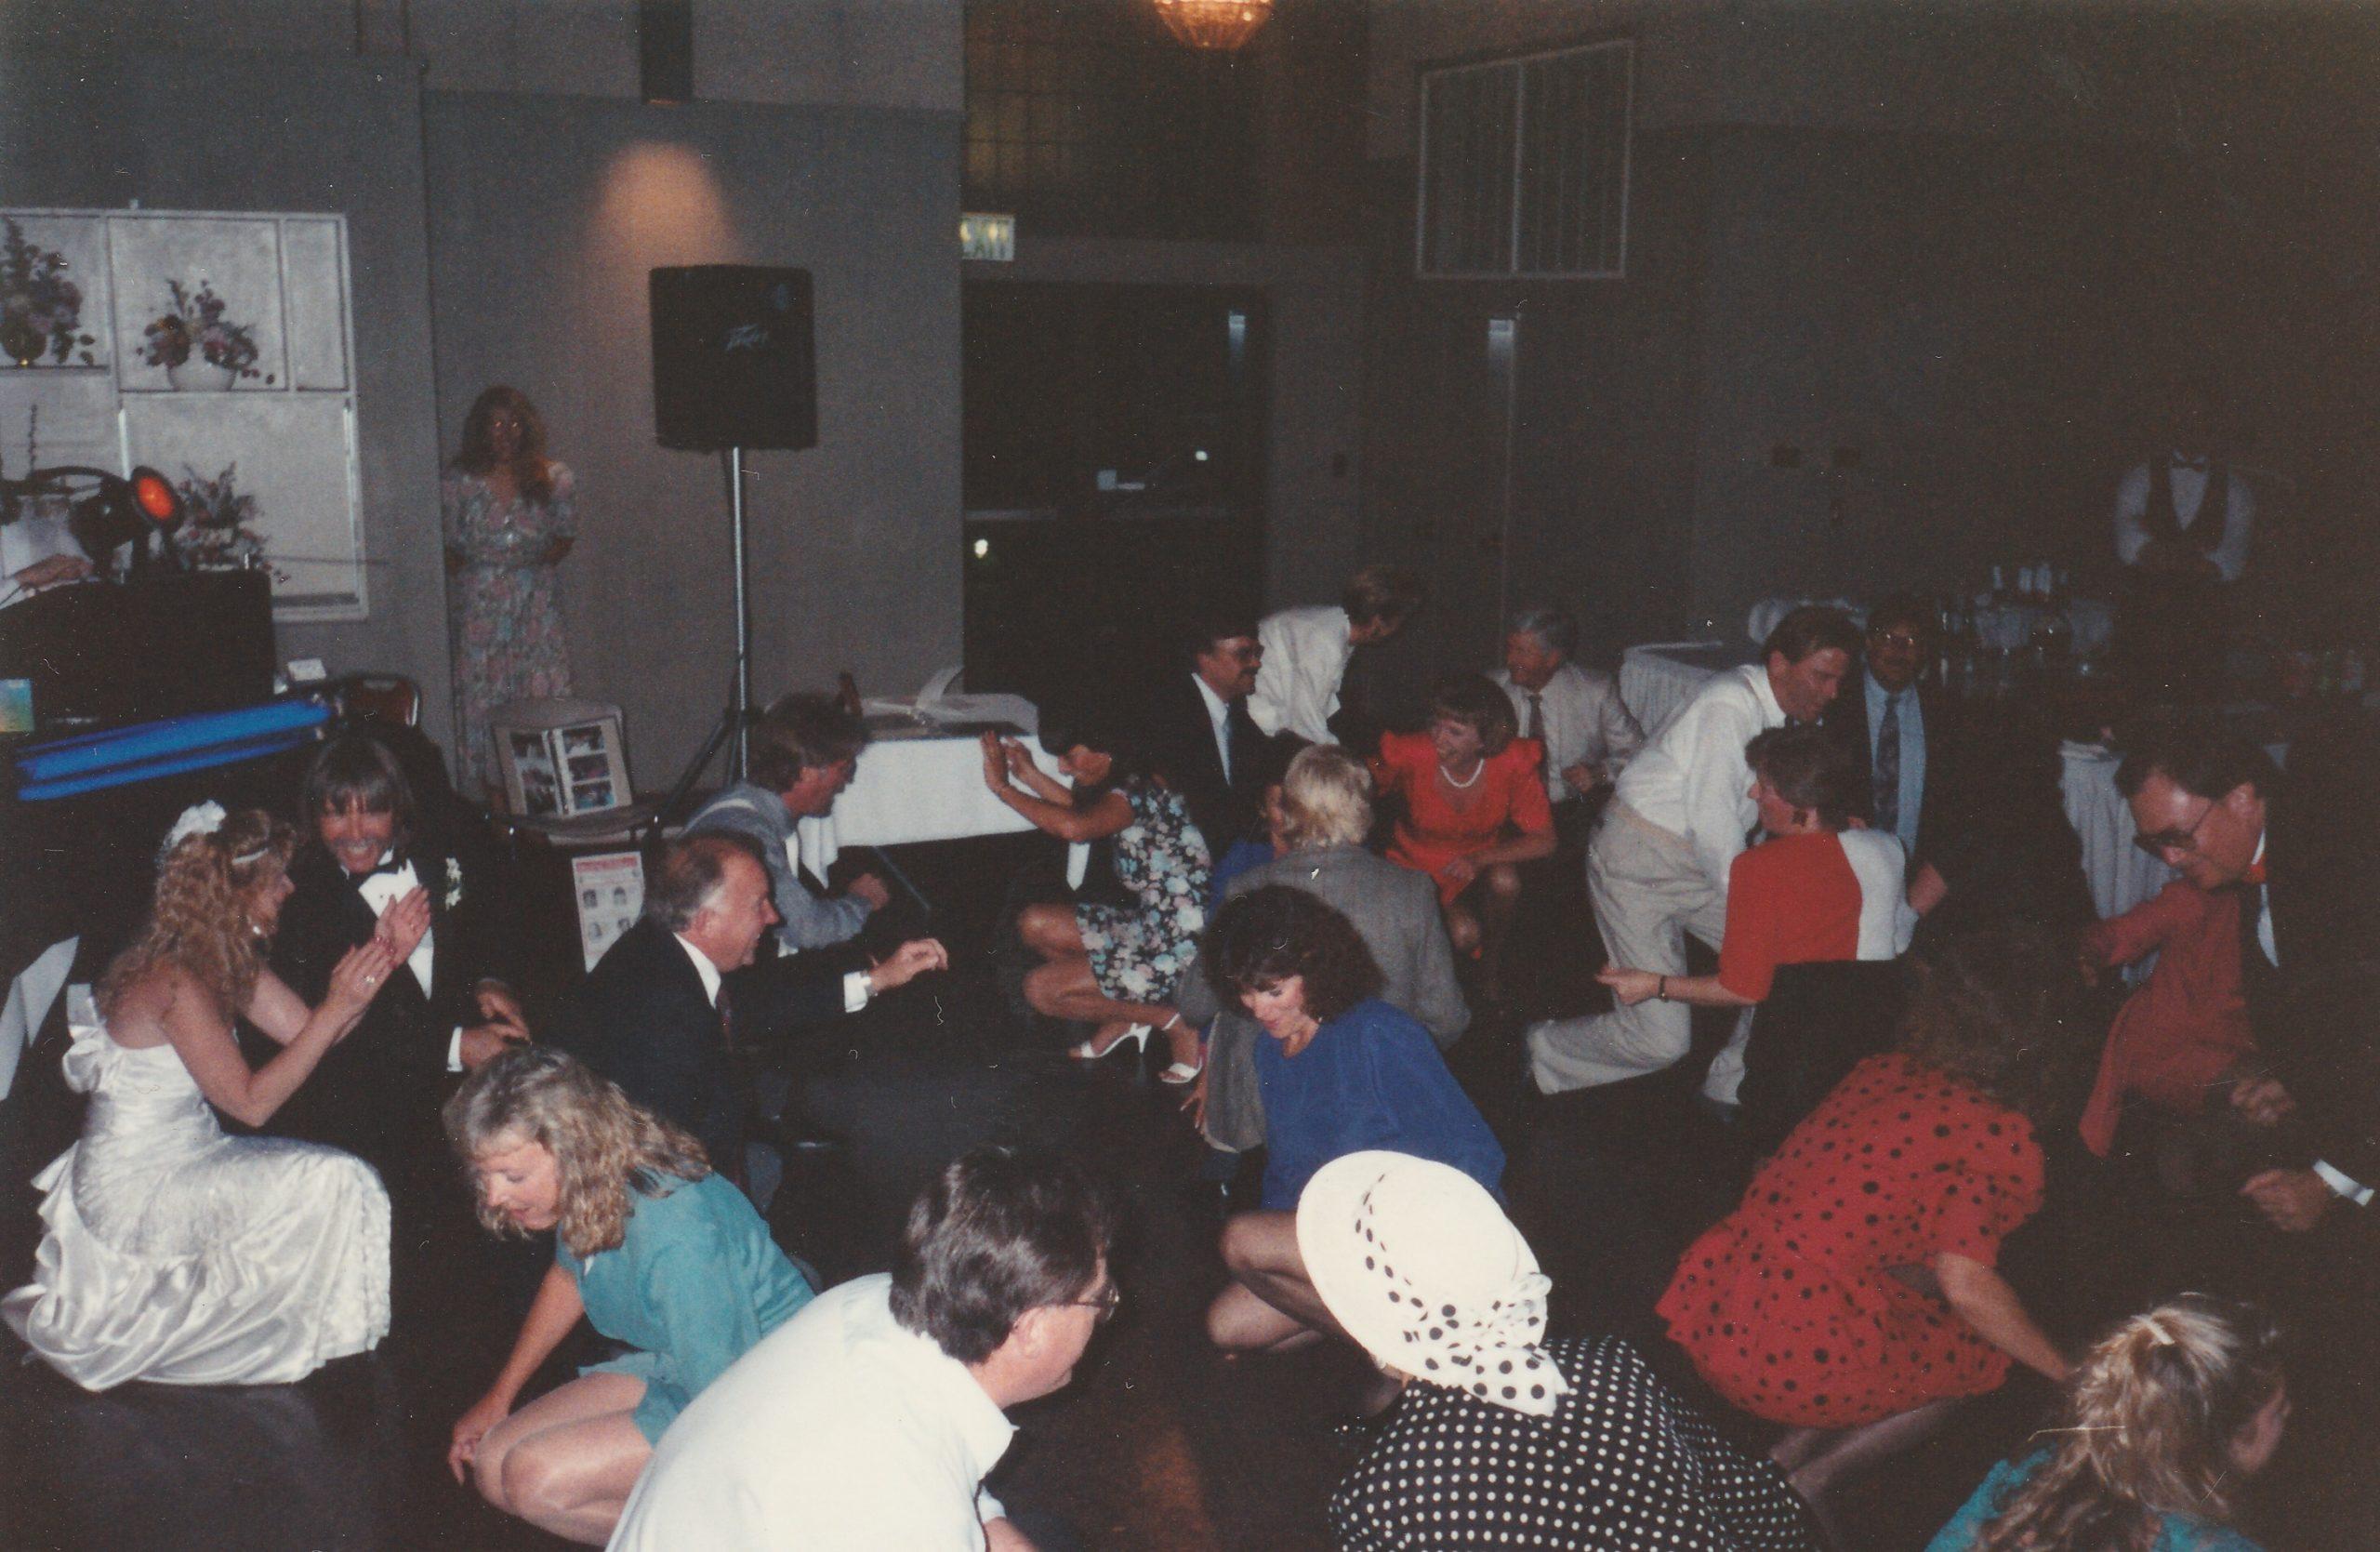 Walnut Creek wedding reception